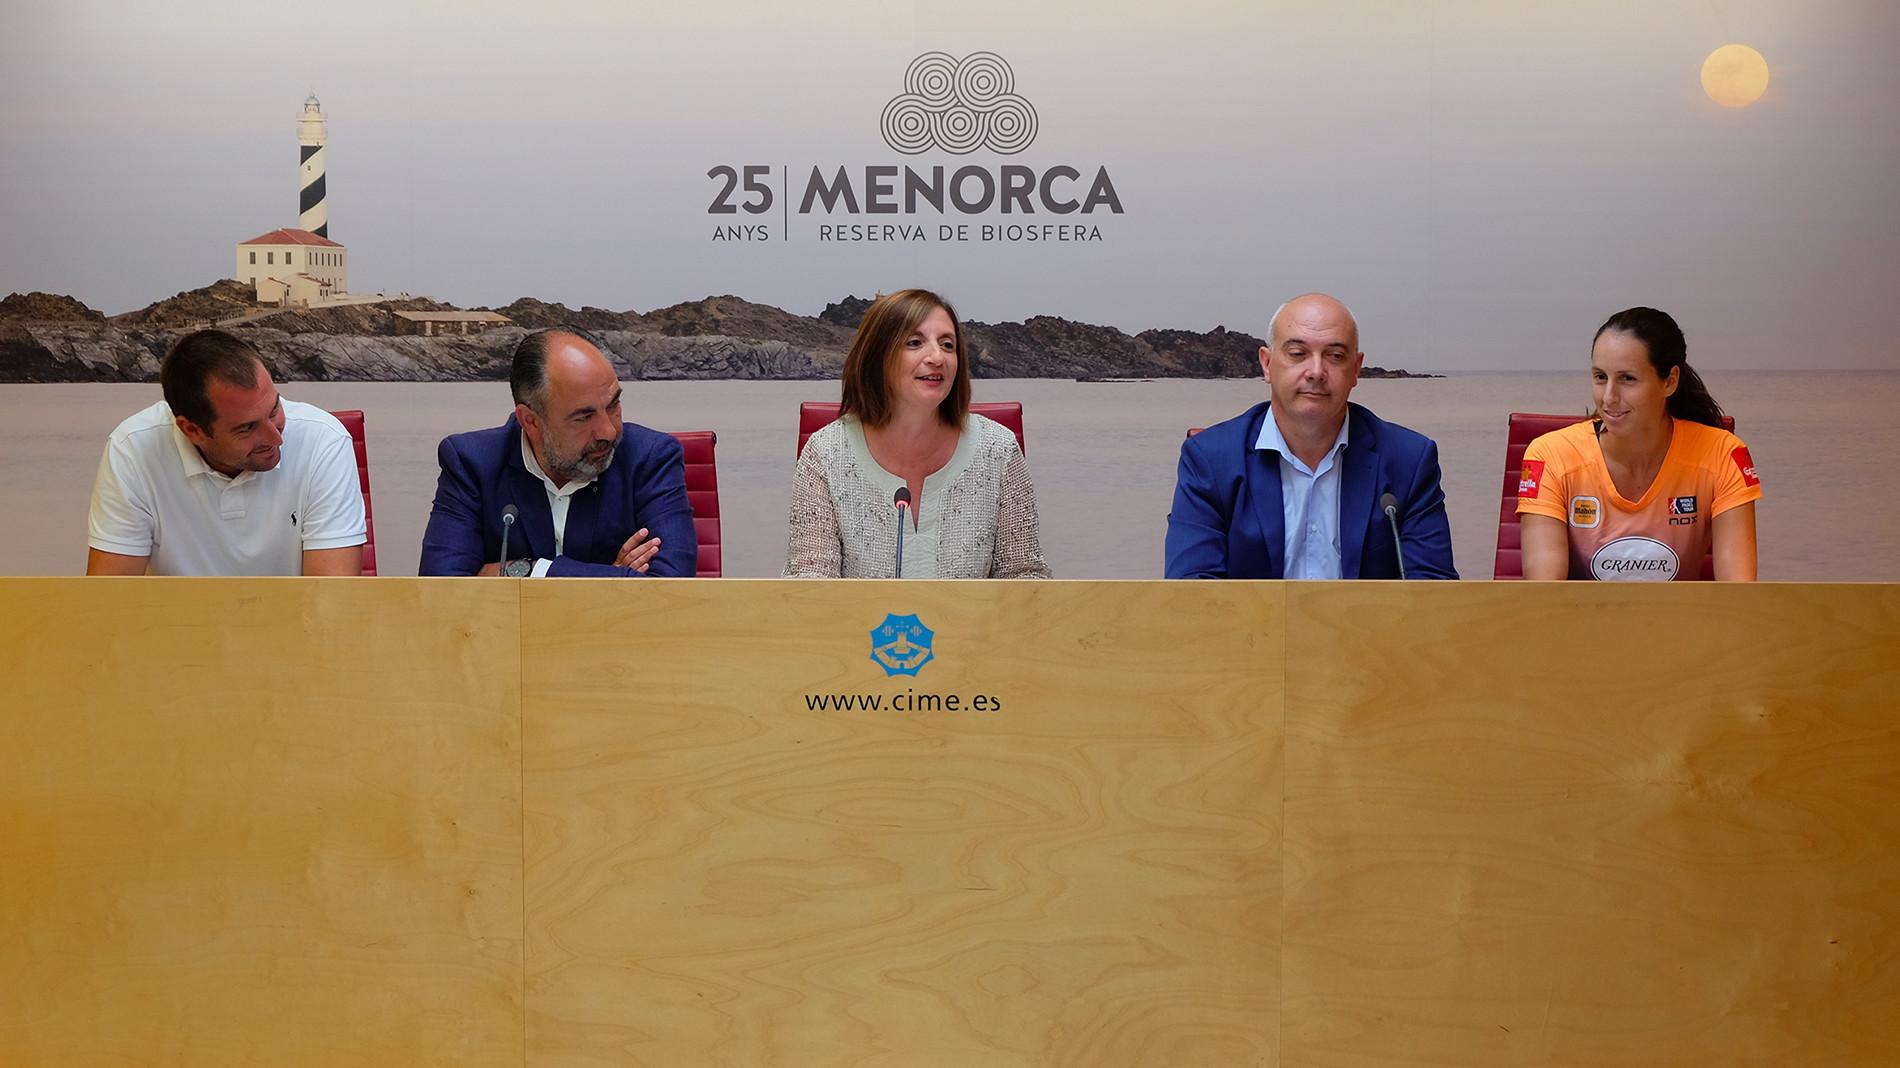 Menorca formará parte del circuito World Padel Tour durante los próximos cuatro años